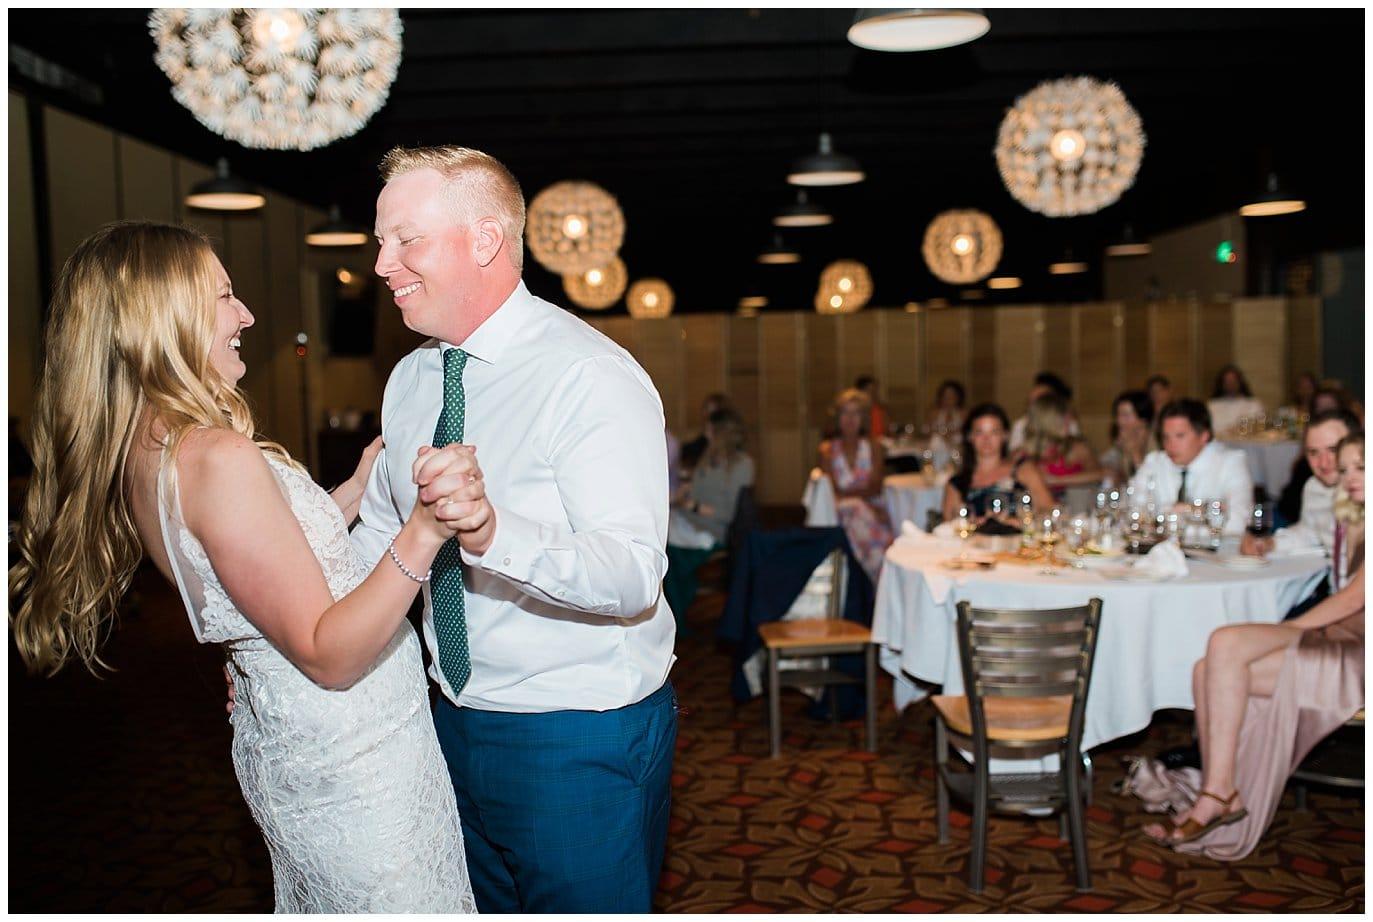 Eagle's Nest wedding reception photo